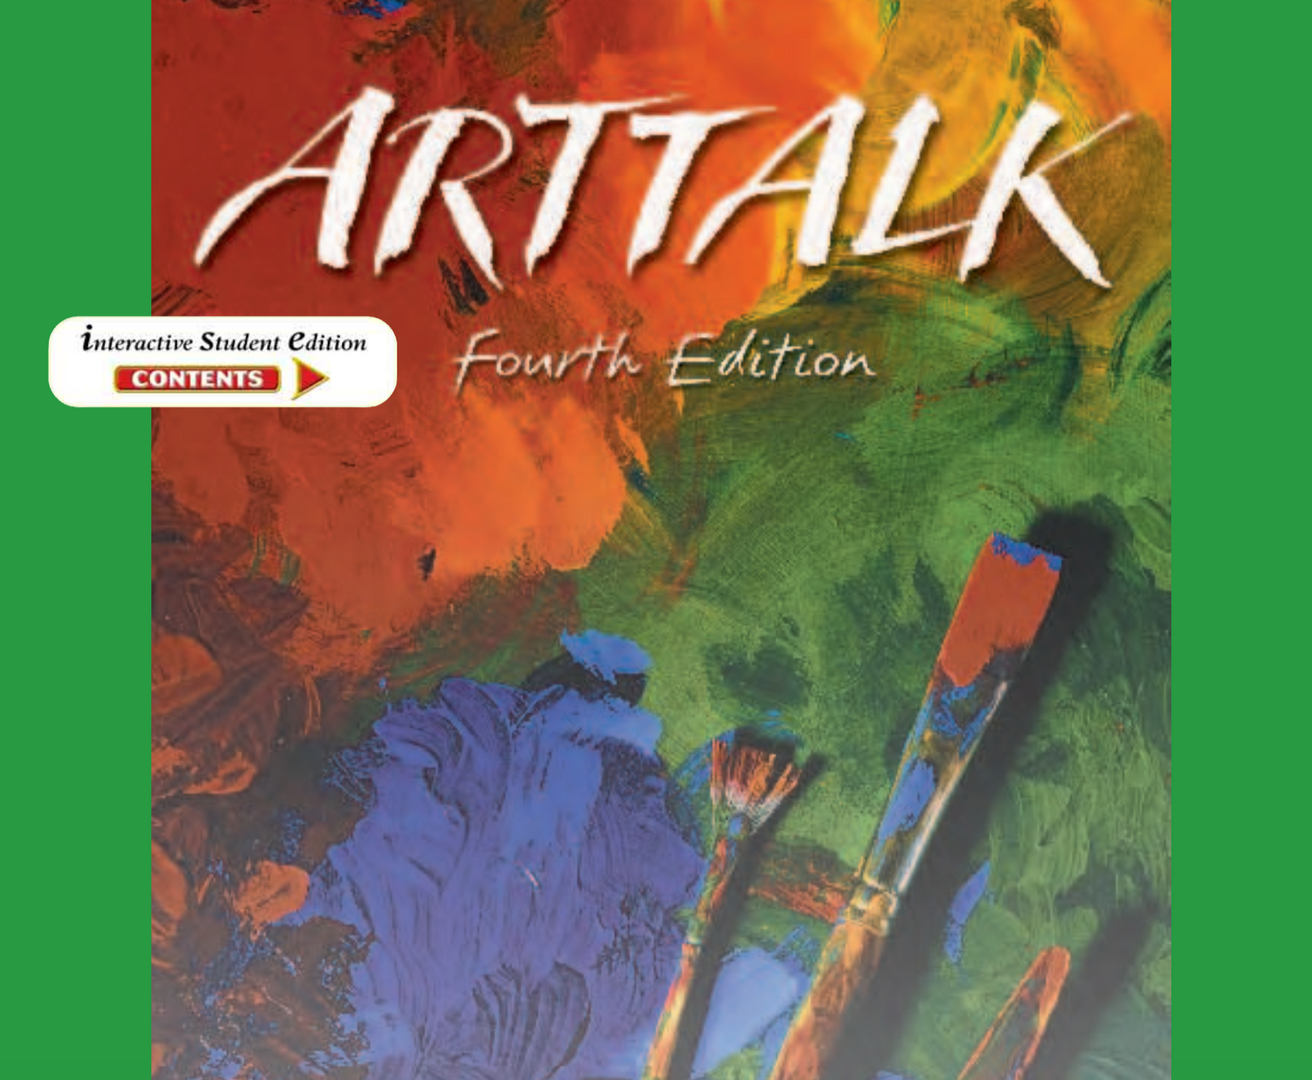 art talk